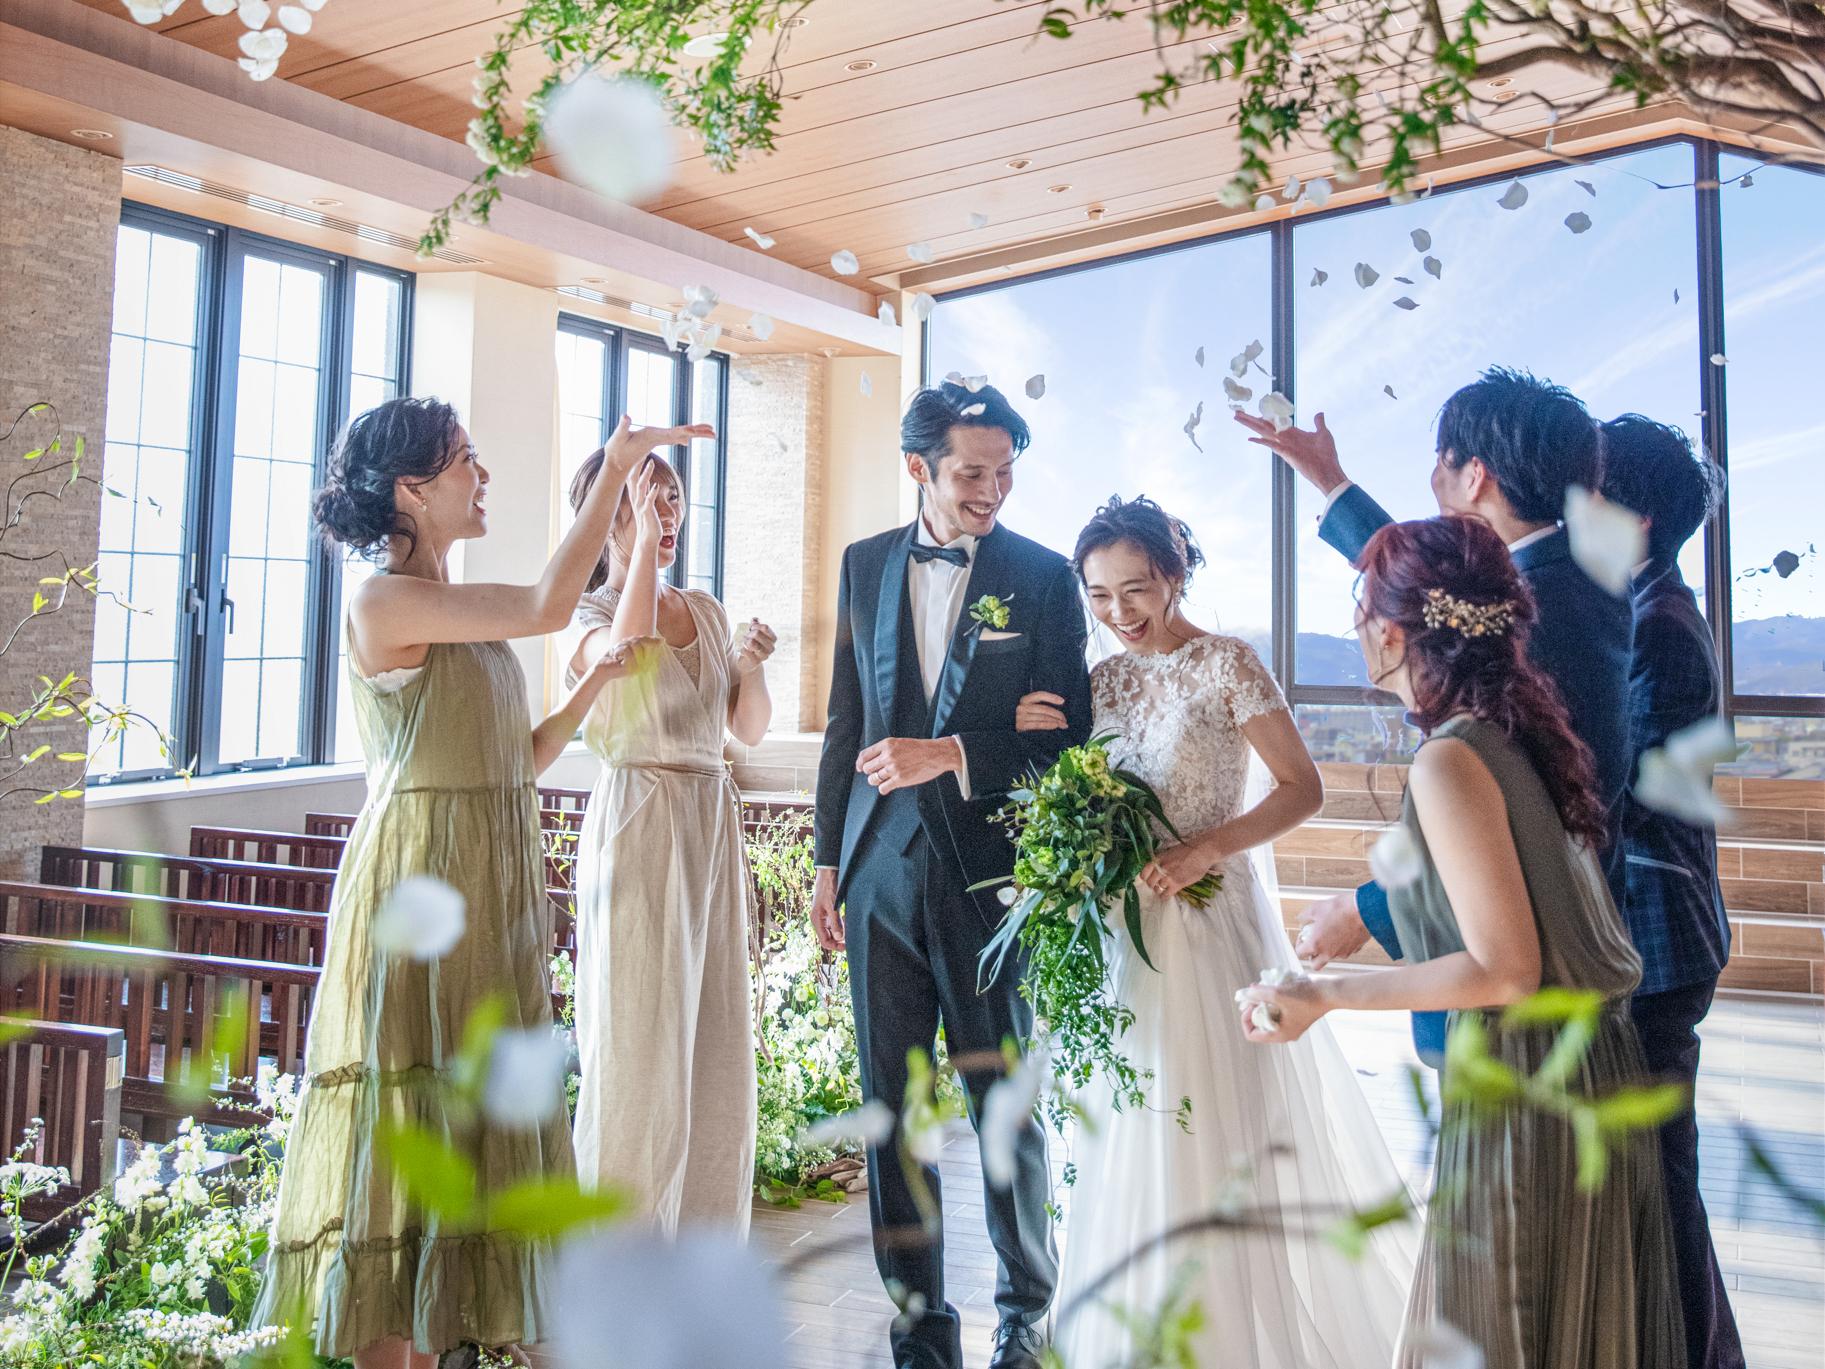 花嫁様のウエディングドレス姿が映える 木目調のバージンロードが好評